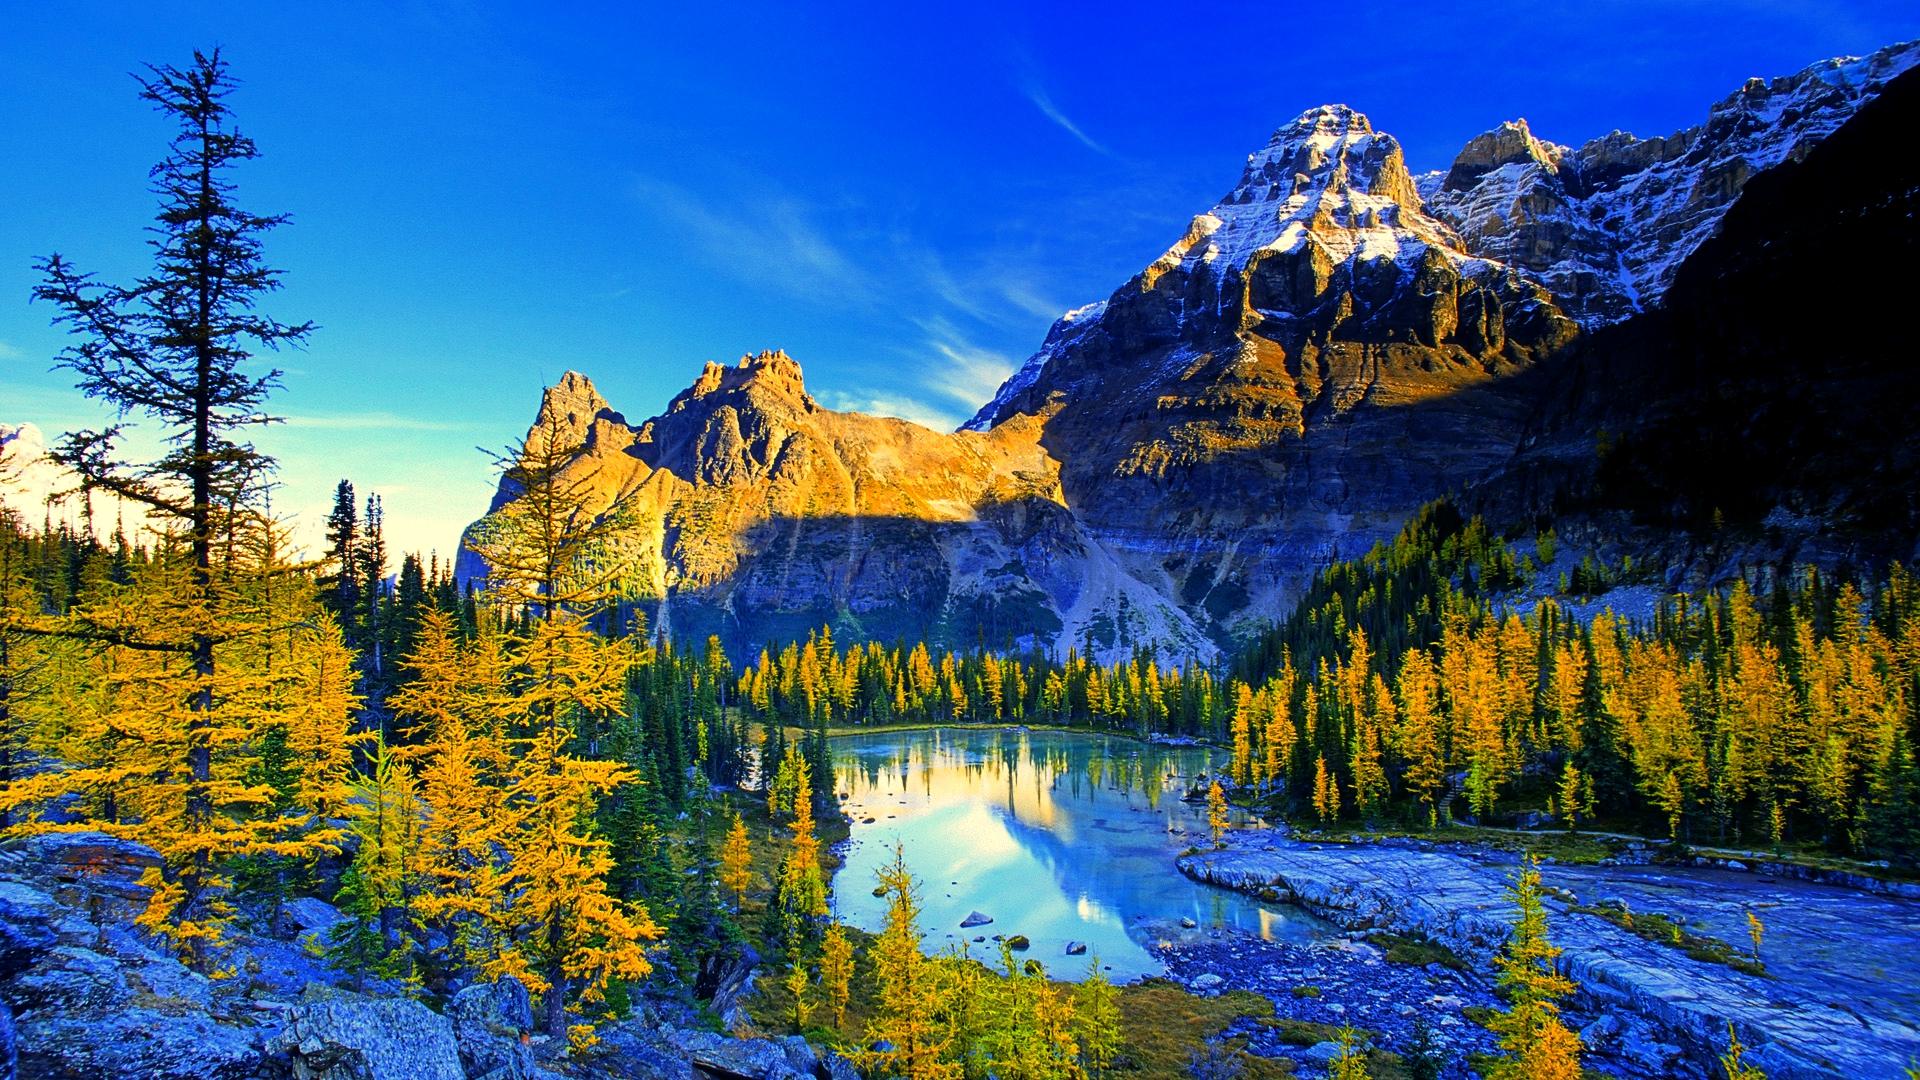 بالصور اجمل صور الطبيعة , المميزة الخلابة 2176 7